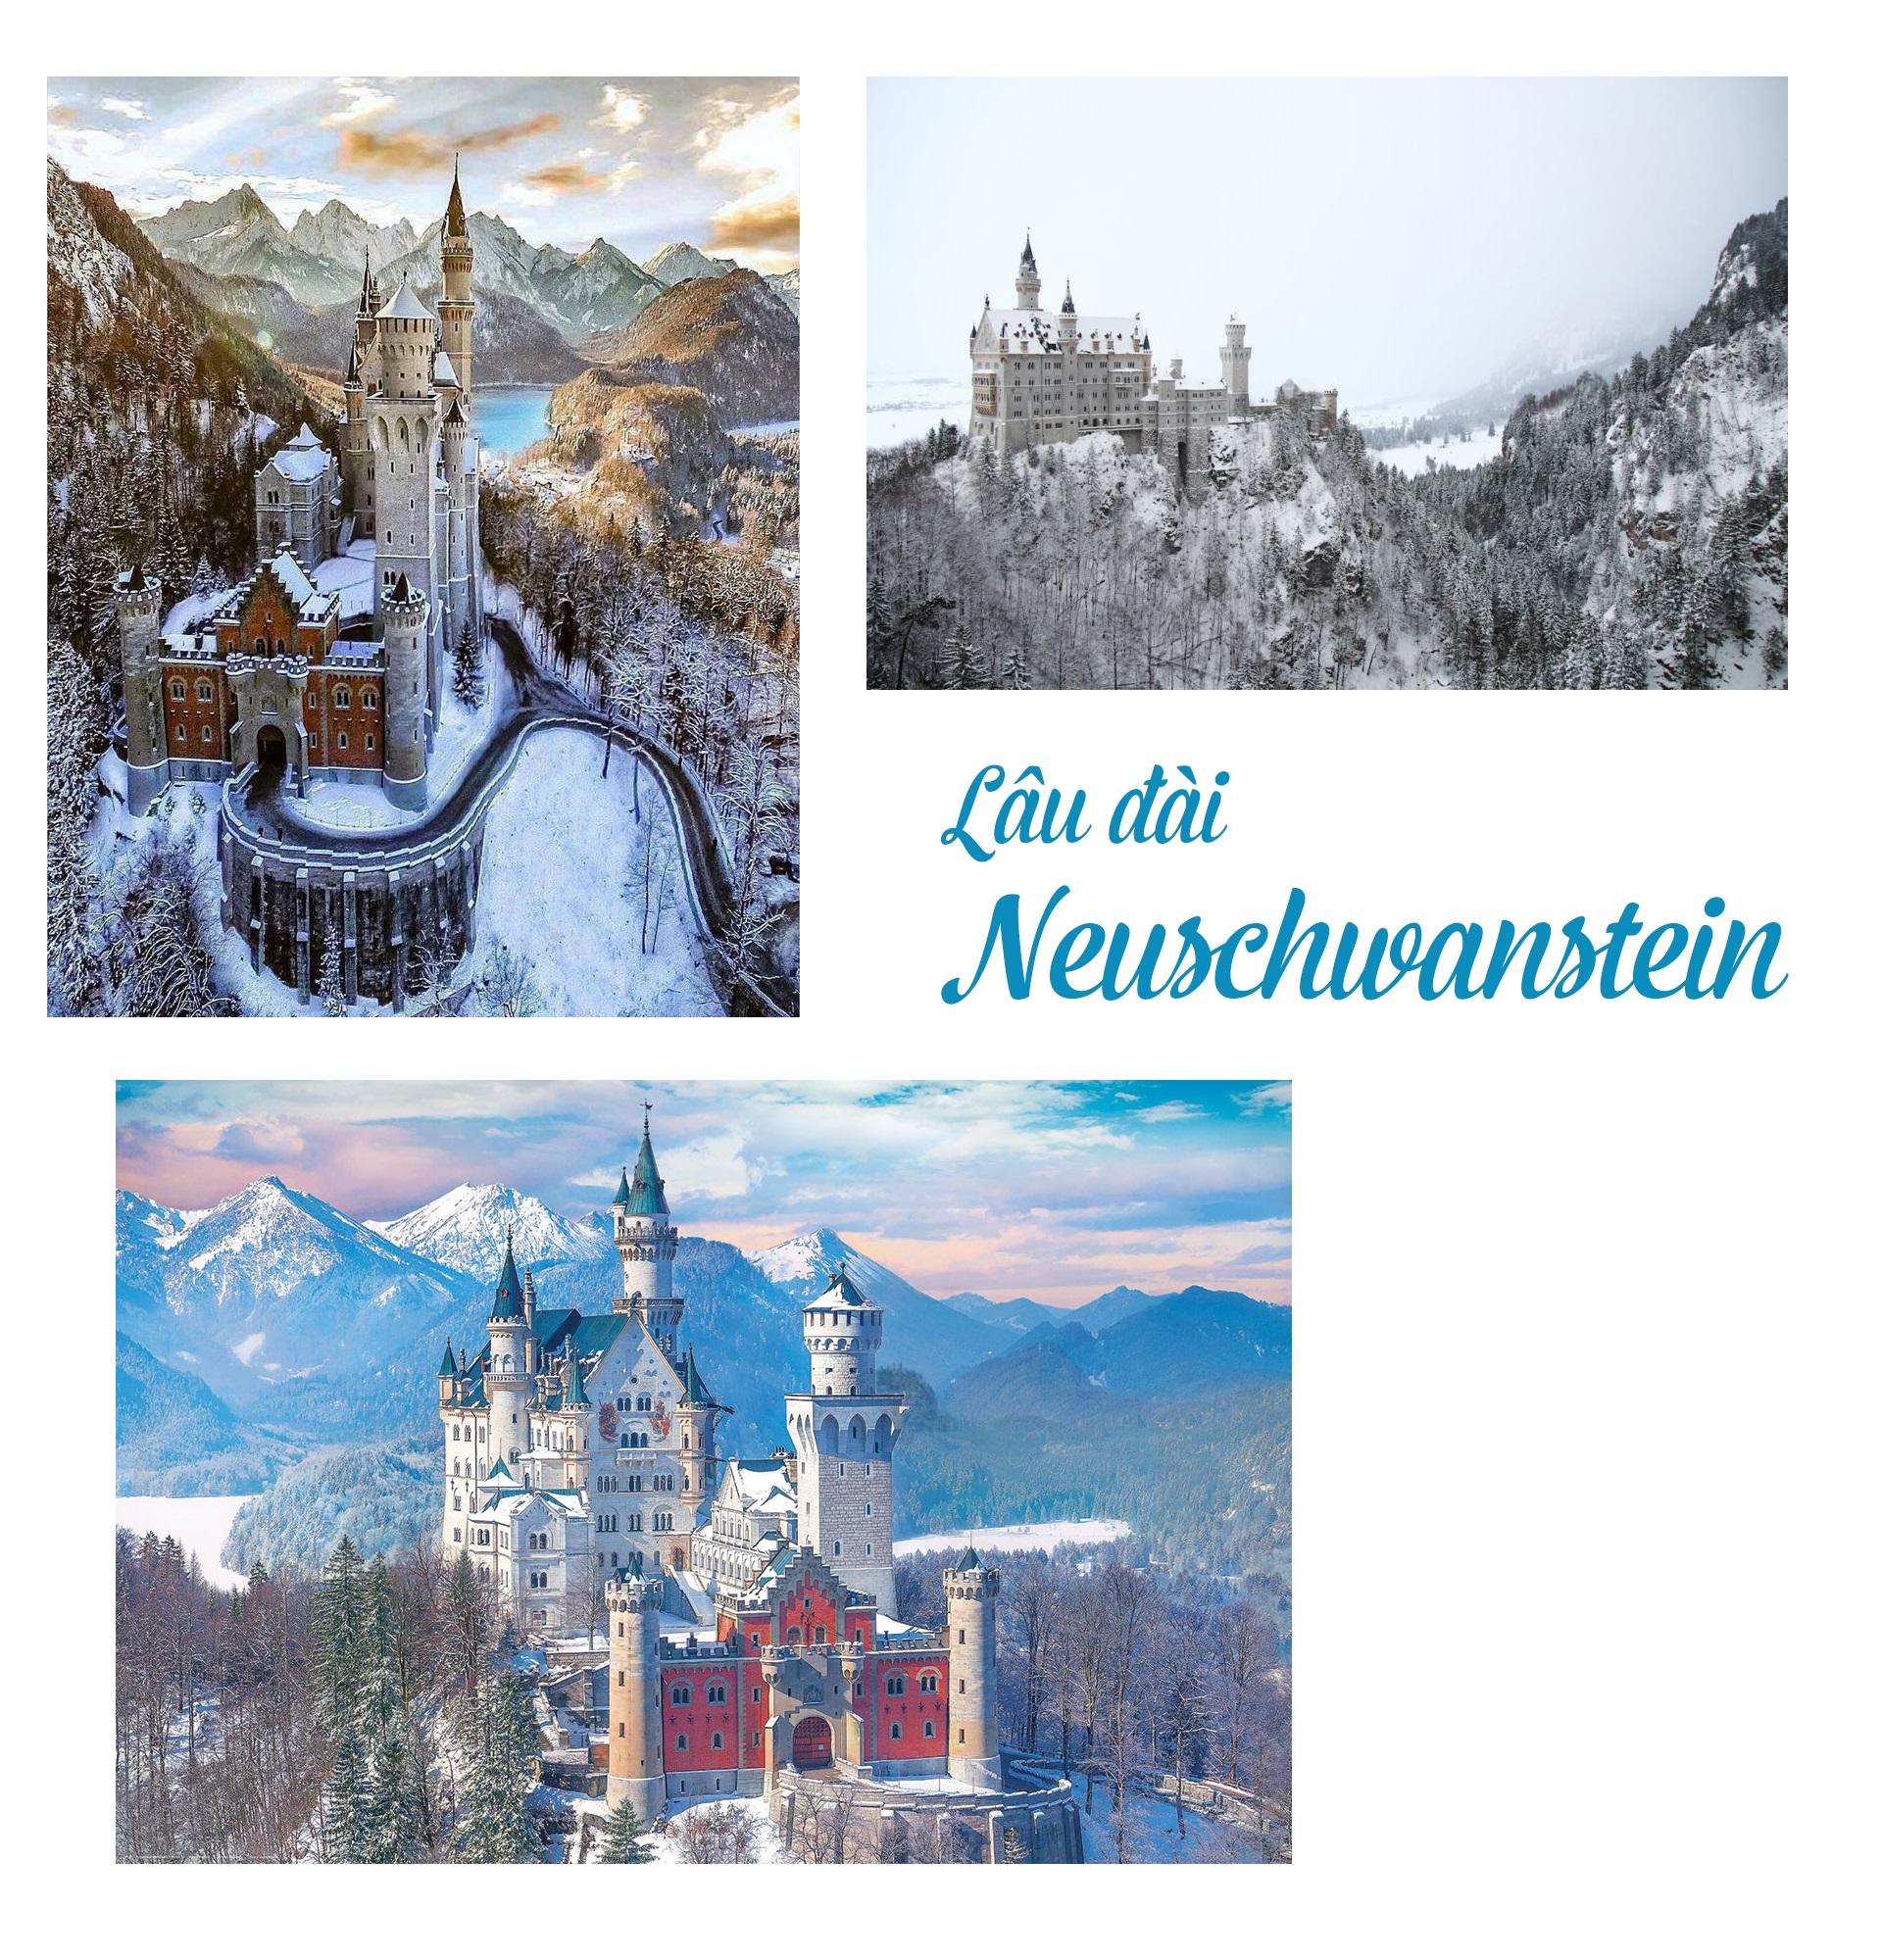 17 lâu đài cổ tích châu Âu đáng đến thăm vào mùa đông - 2